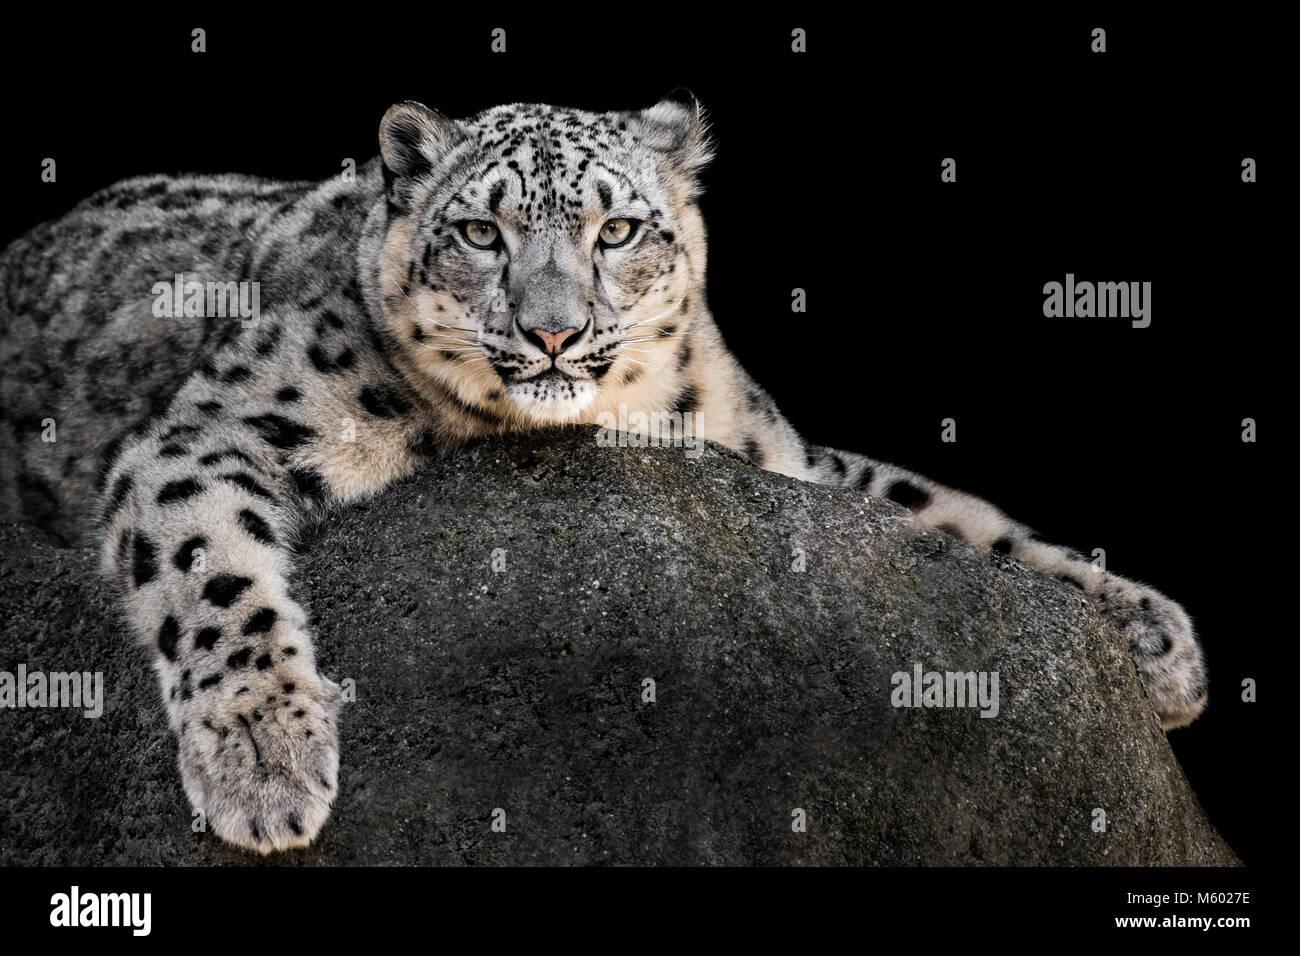 Snow Leopard XXII - Stock Image